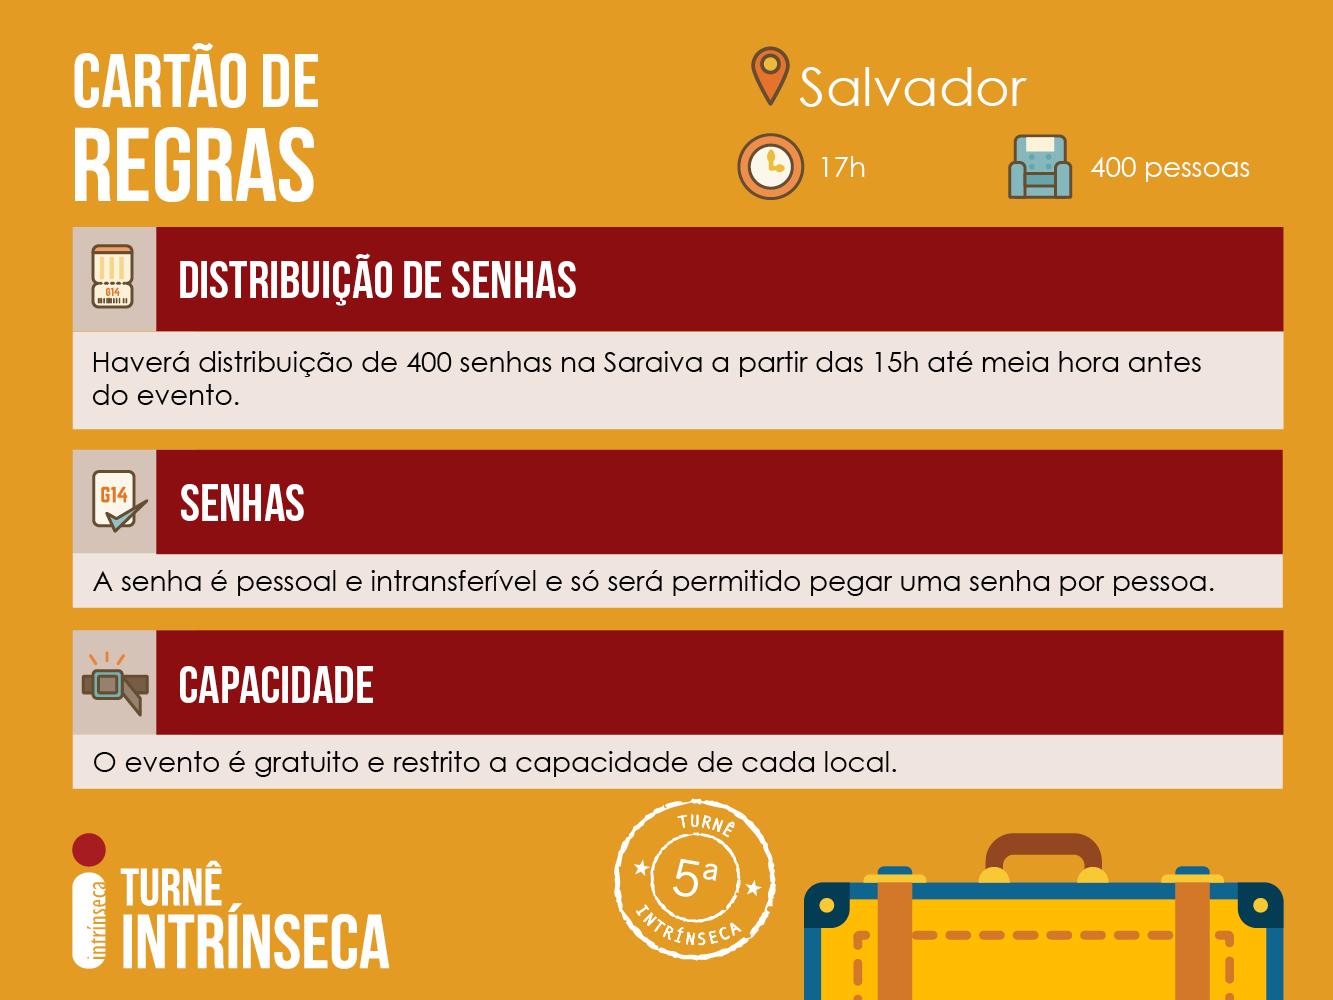 Regras_5aTurne_Salvador